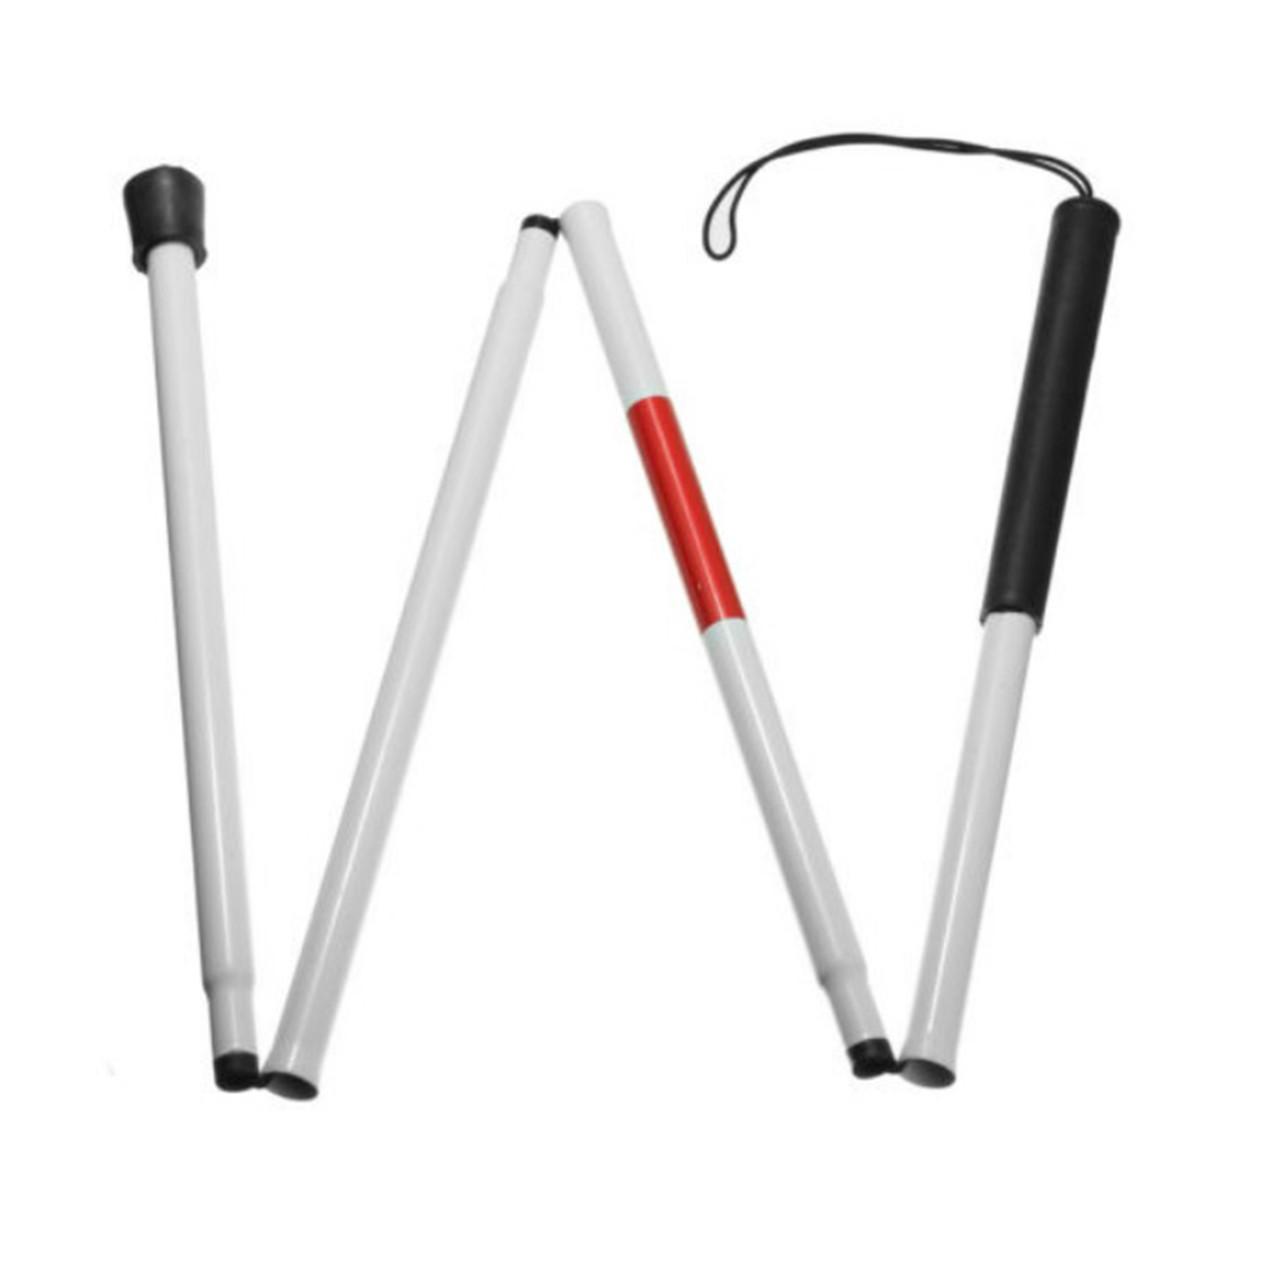 Трость-ориентир для слепых людей Lesko складная алюминиевая для незрячих